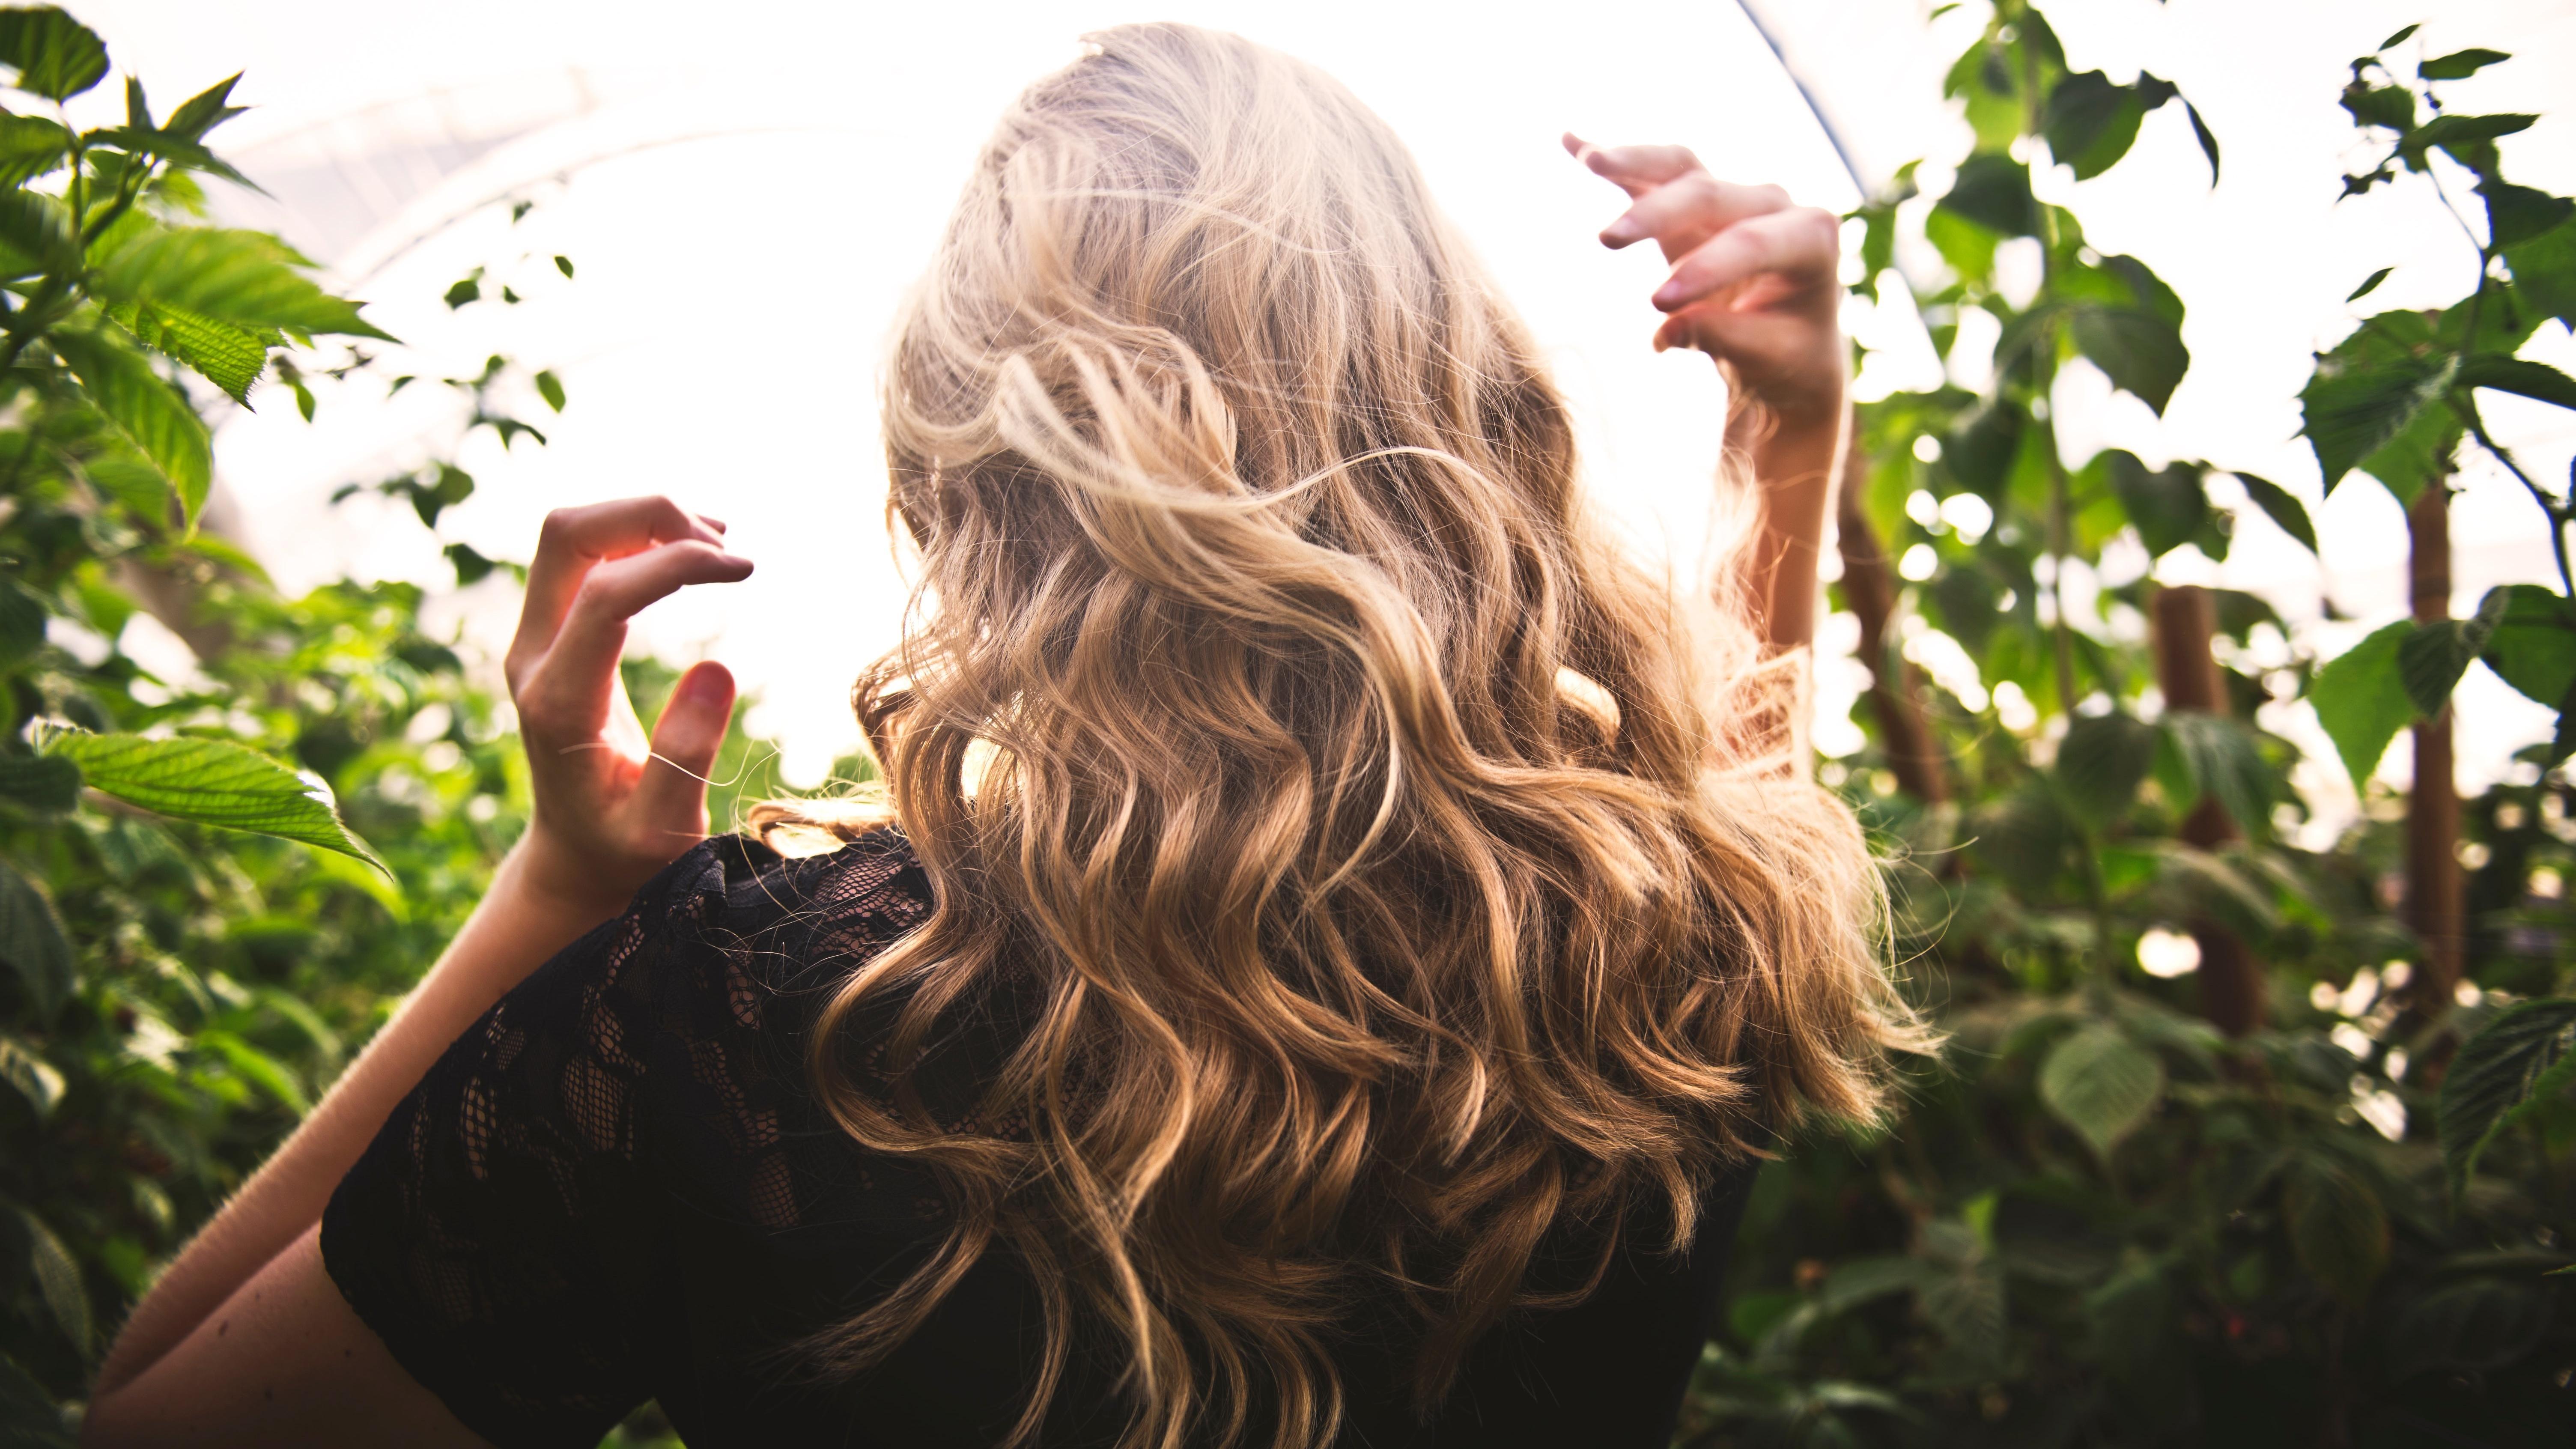 Shampoo gegen fettige Haare helfen die Haare wieder weniger waschen zu müssen.